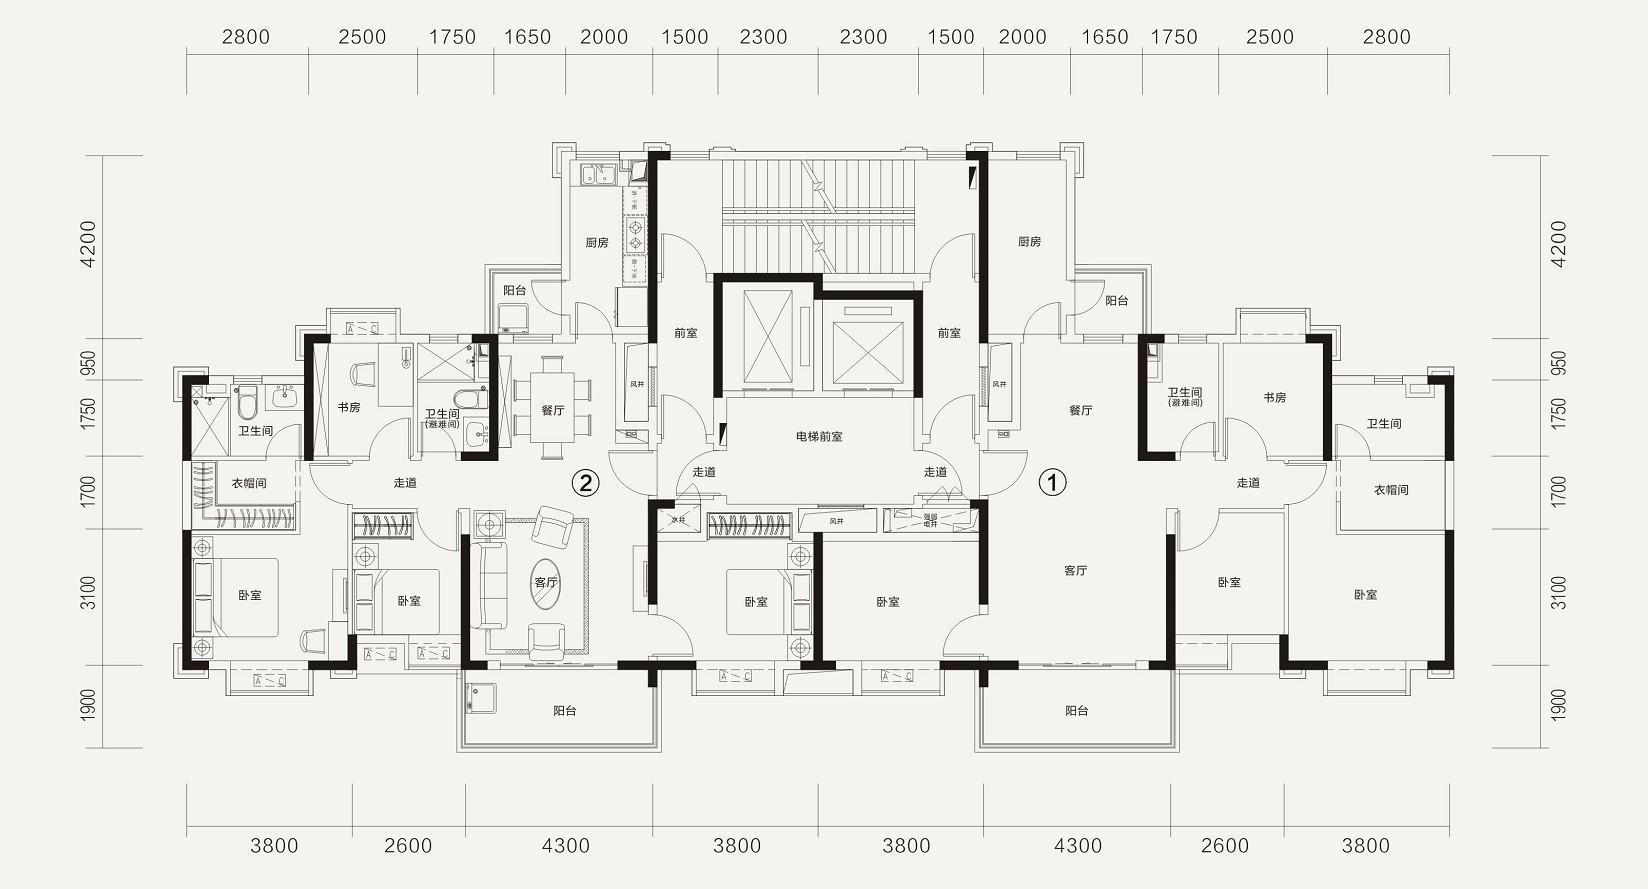 恒大林溪郡恒大林溪郡8-2#楼层面图-4室2厅户型图